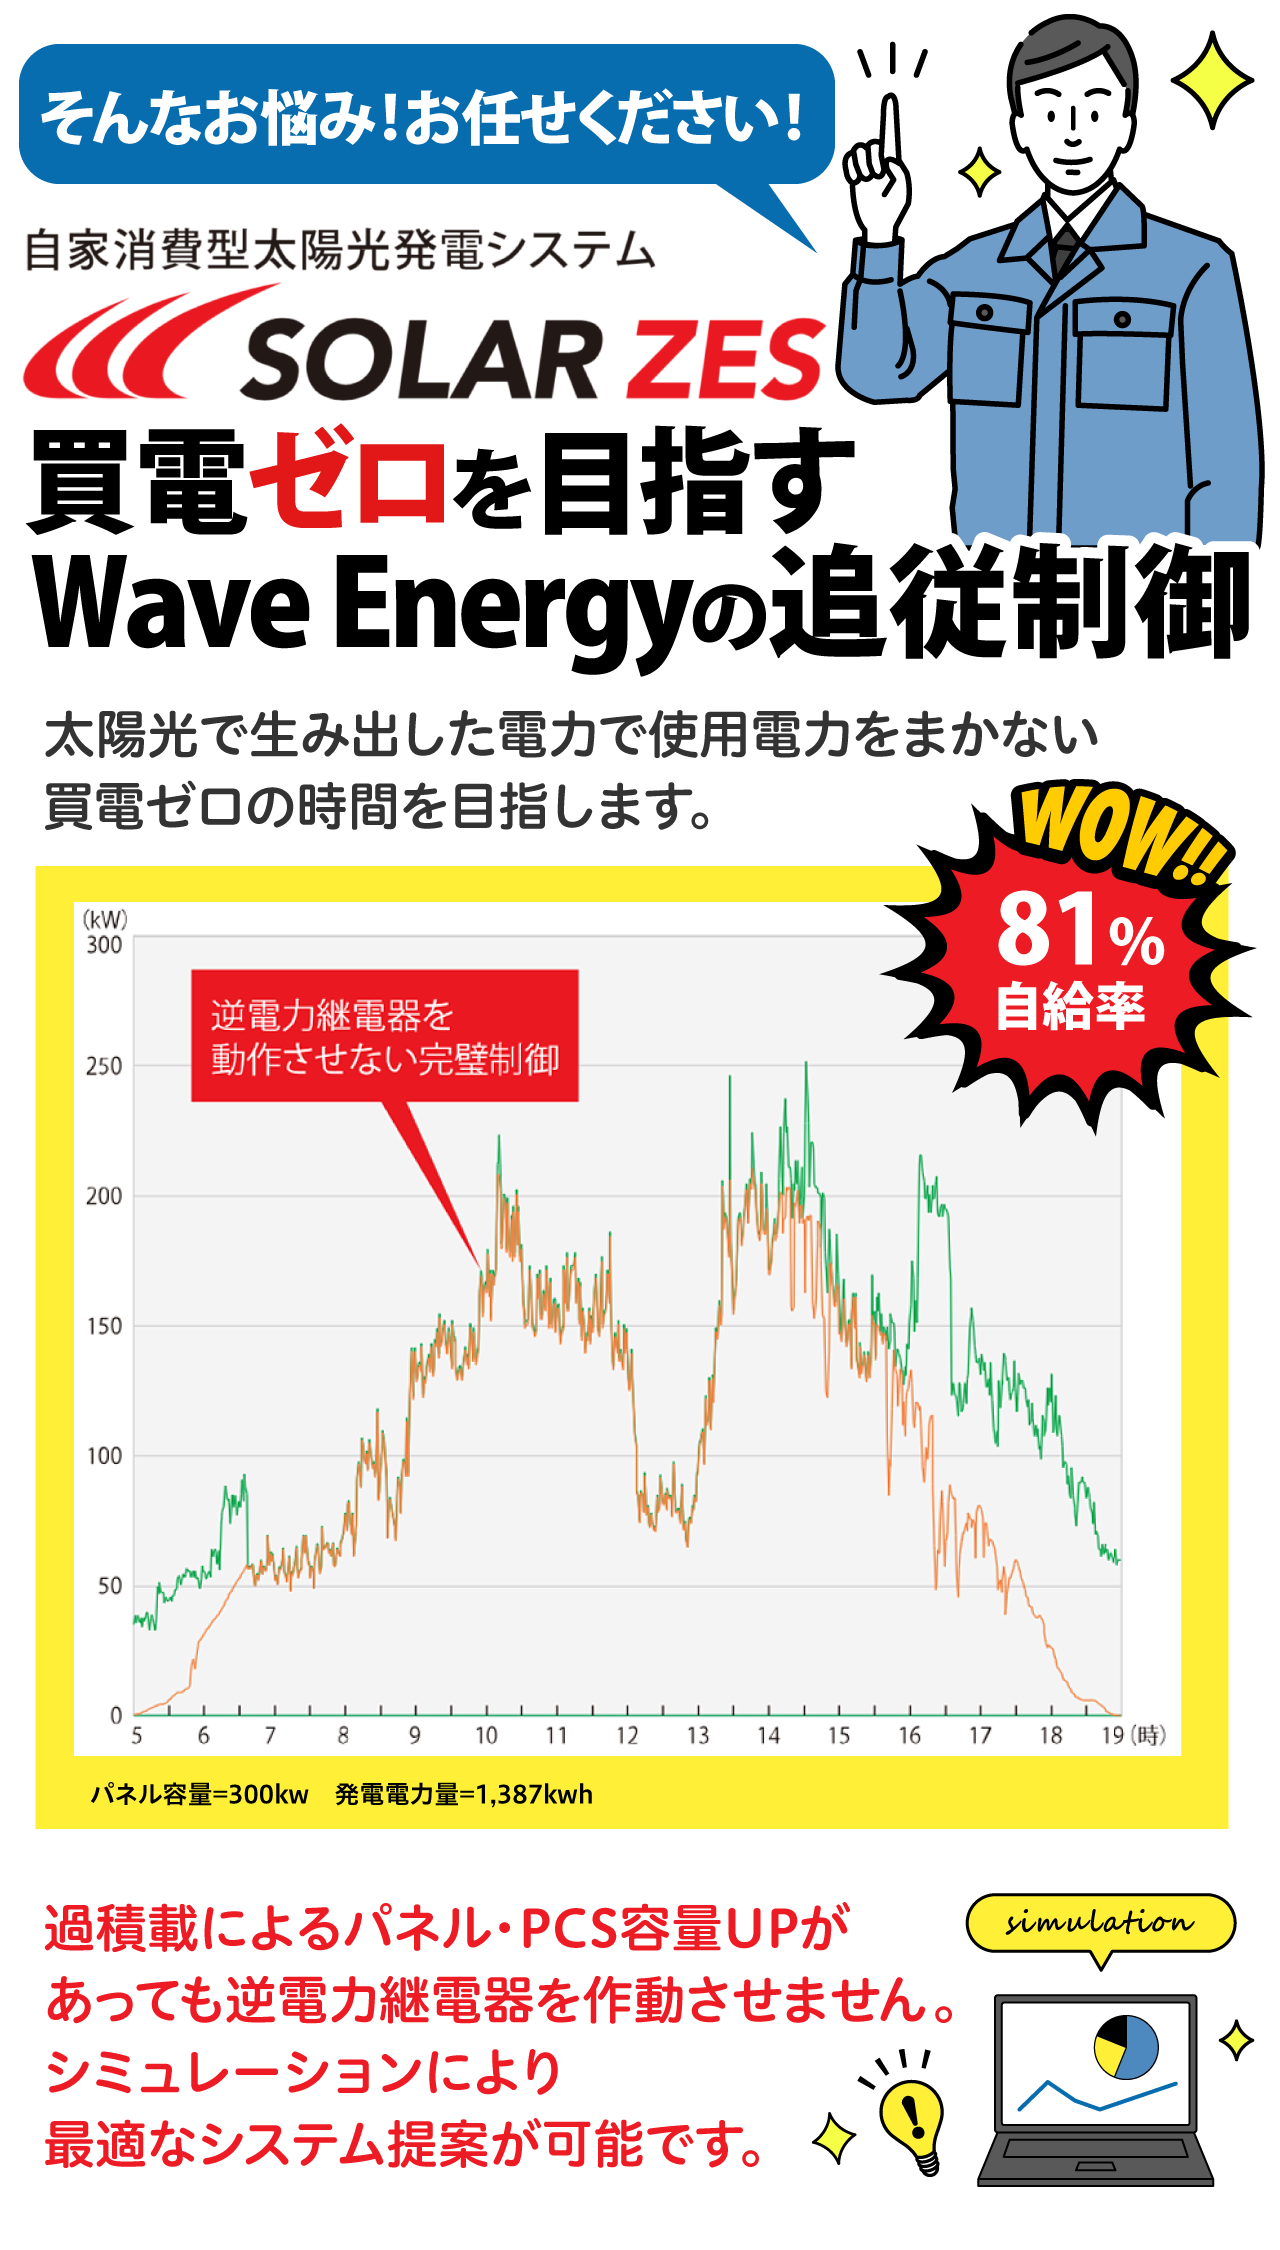 自家消費型太陽光発電 SOLAR ZES